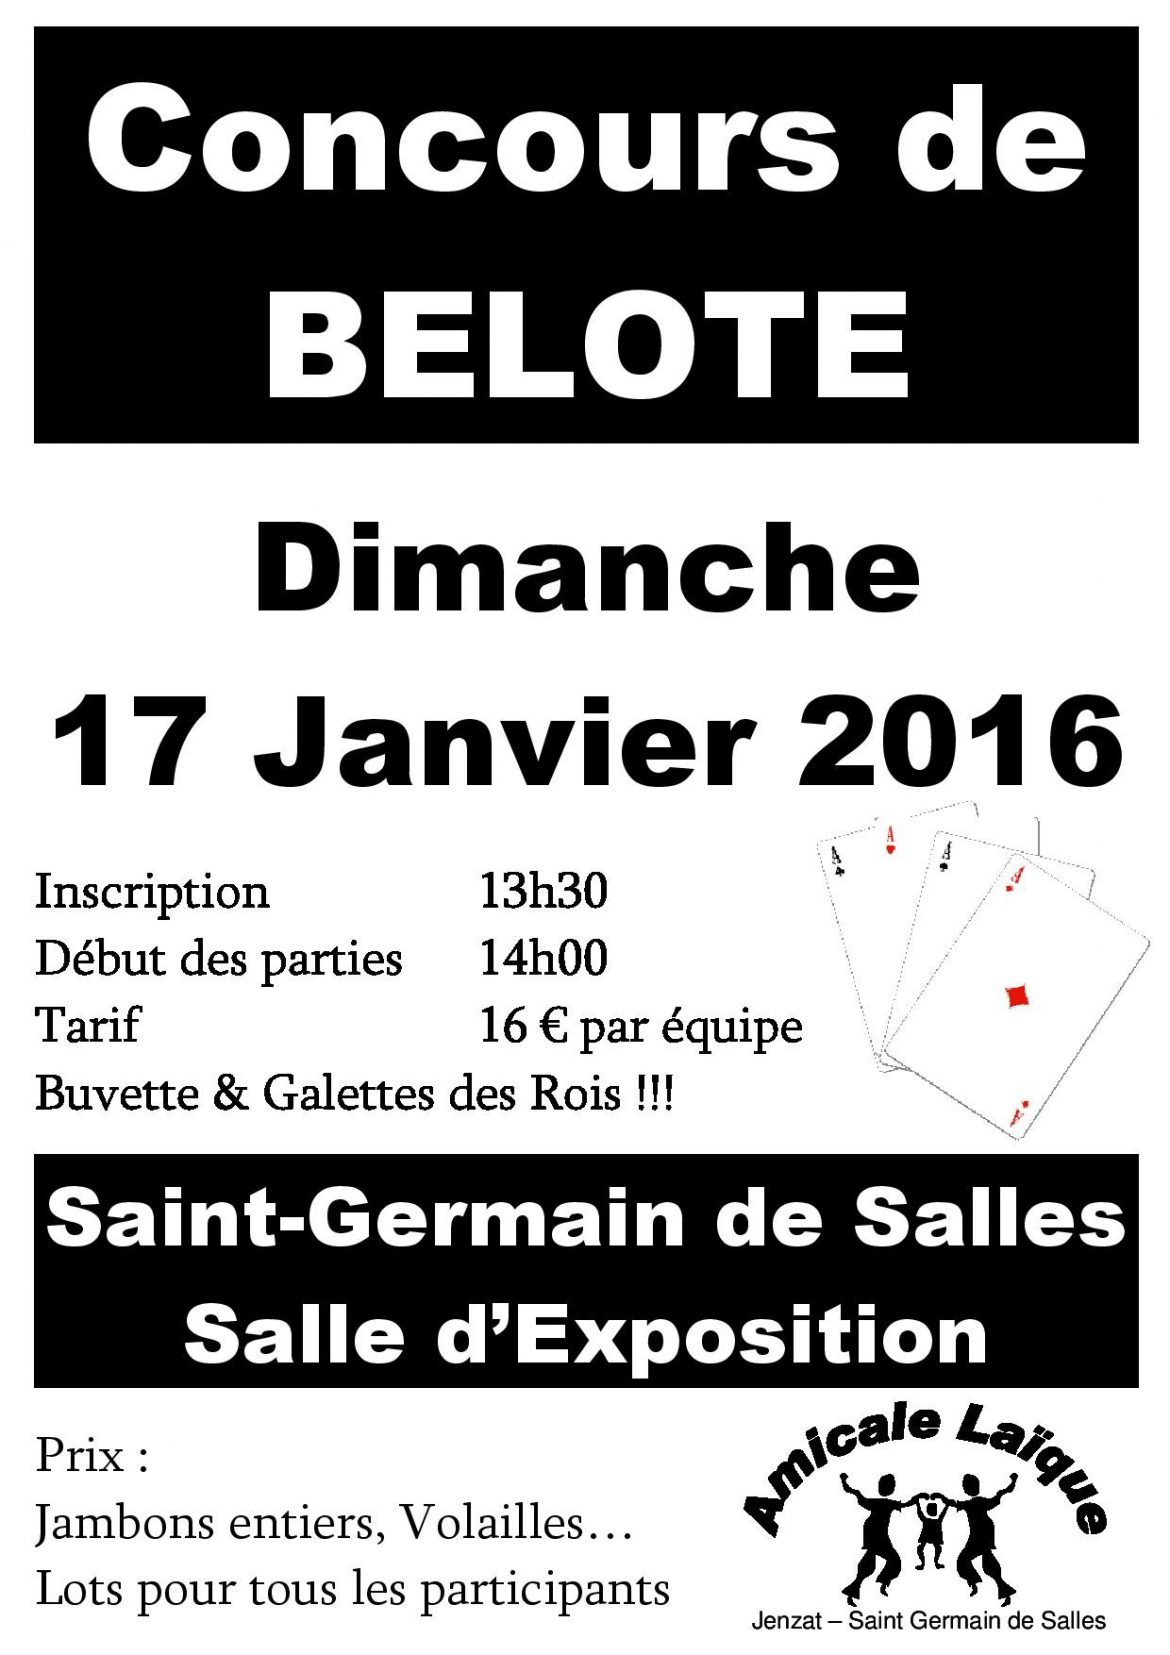 Concours de belote 17 Janvier 2016 à St Germain de Salles – Allier